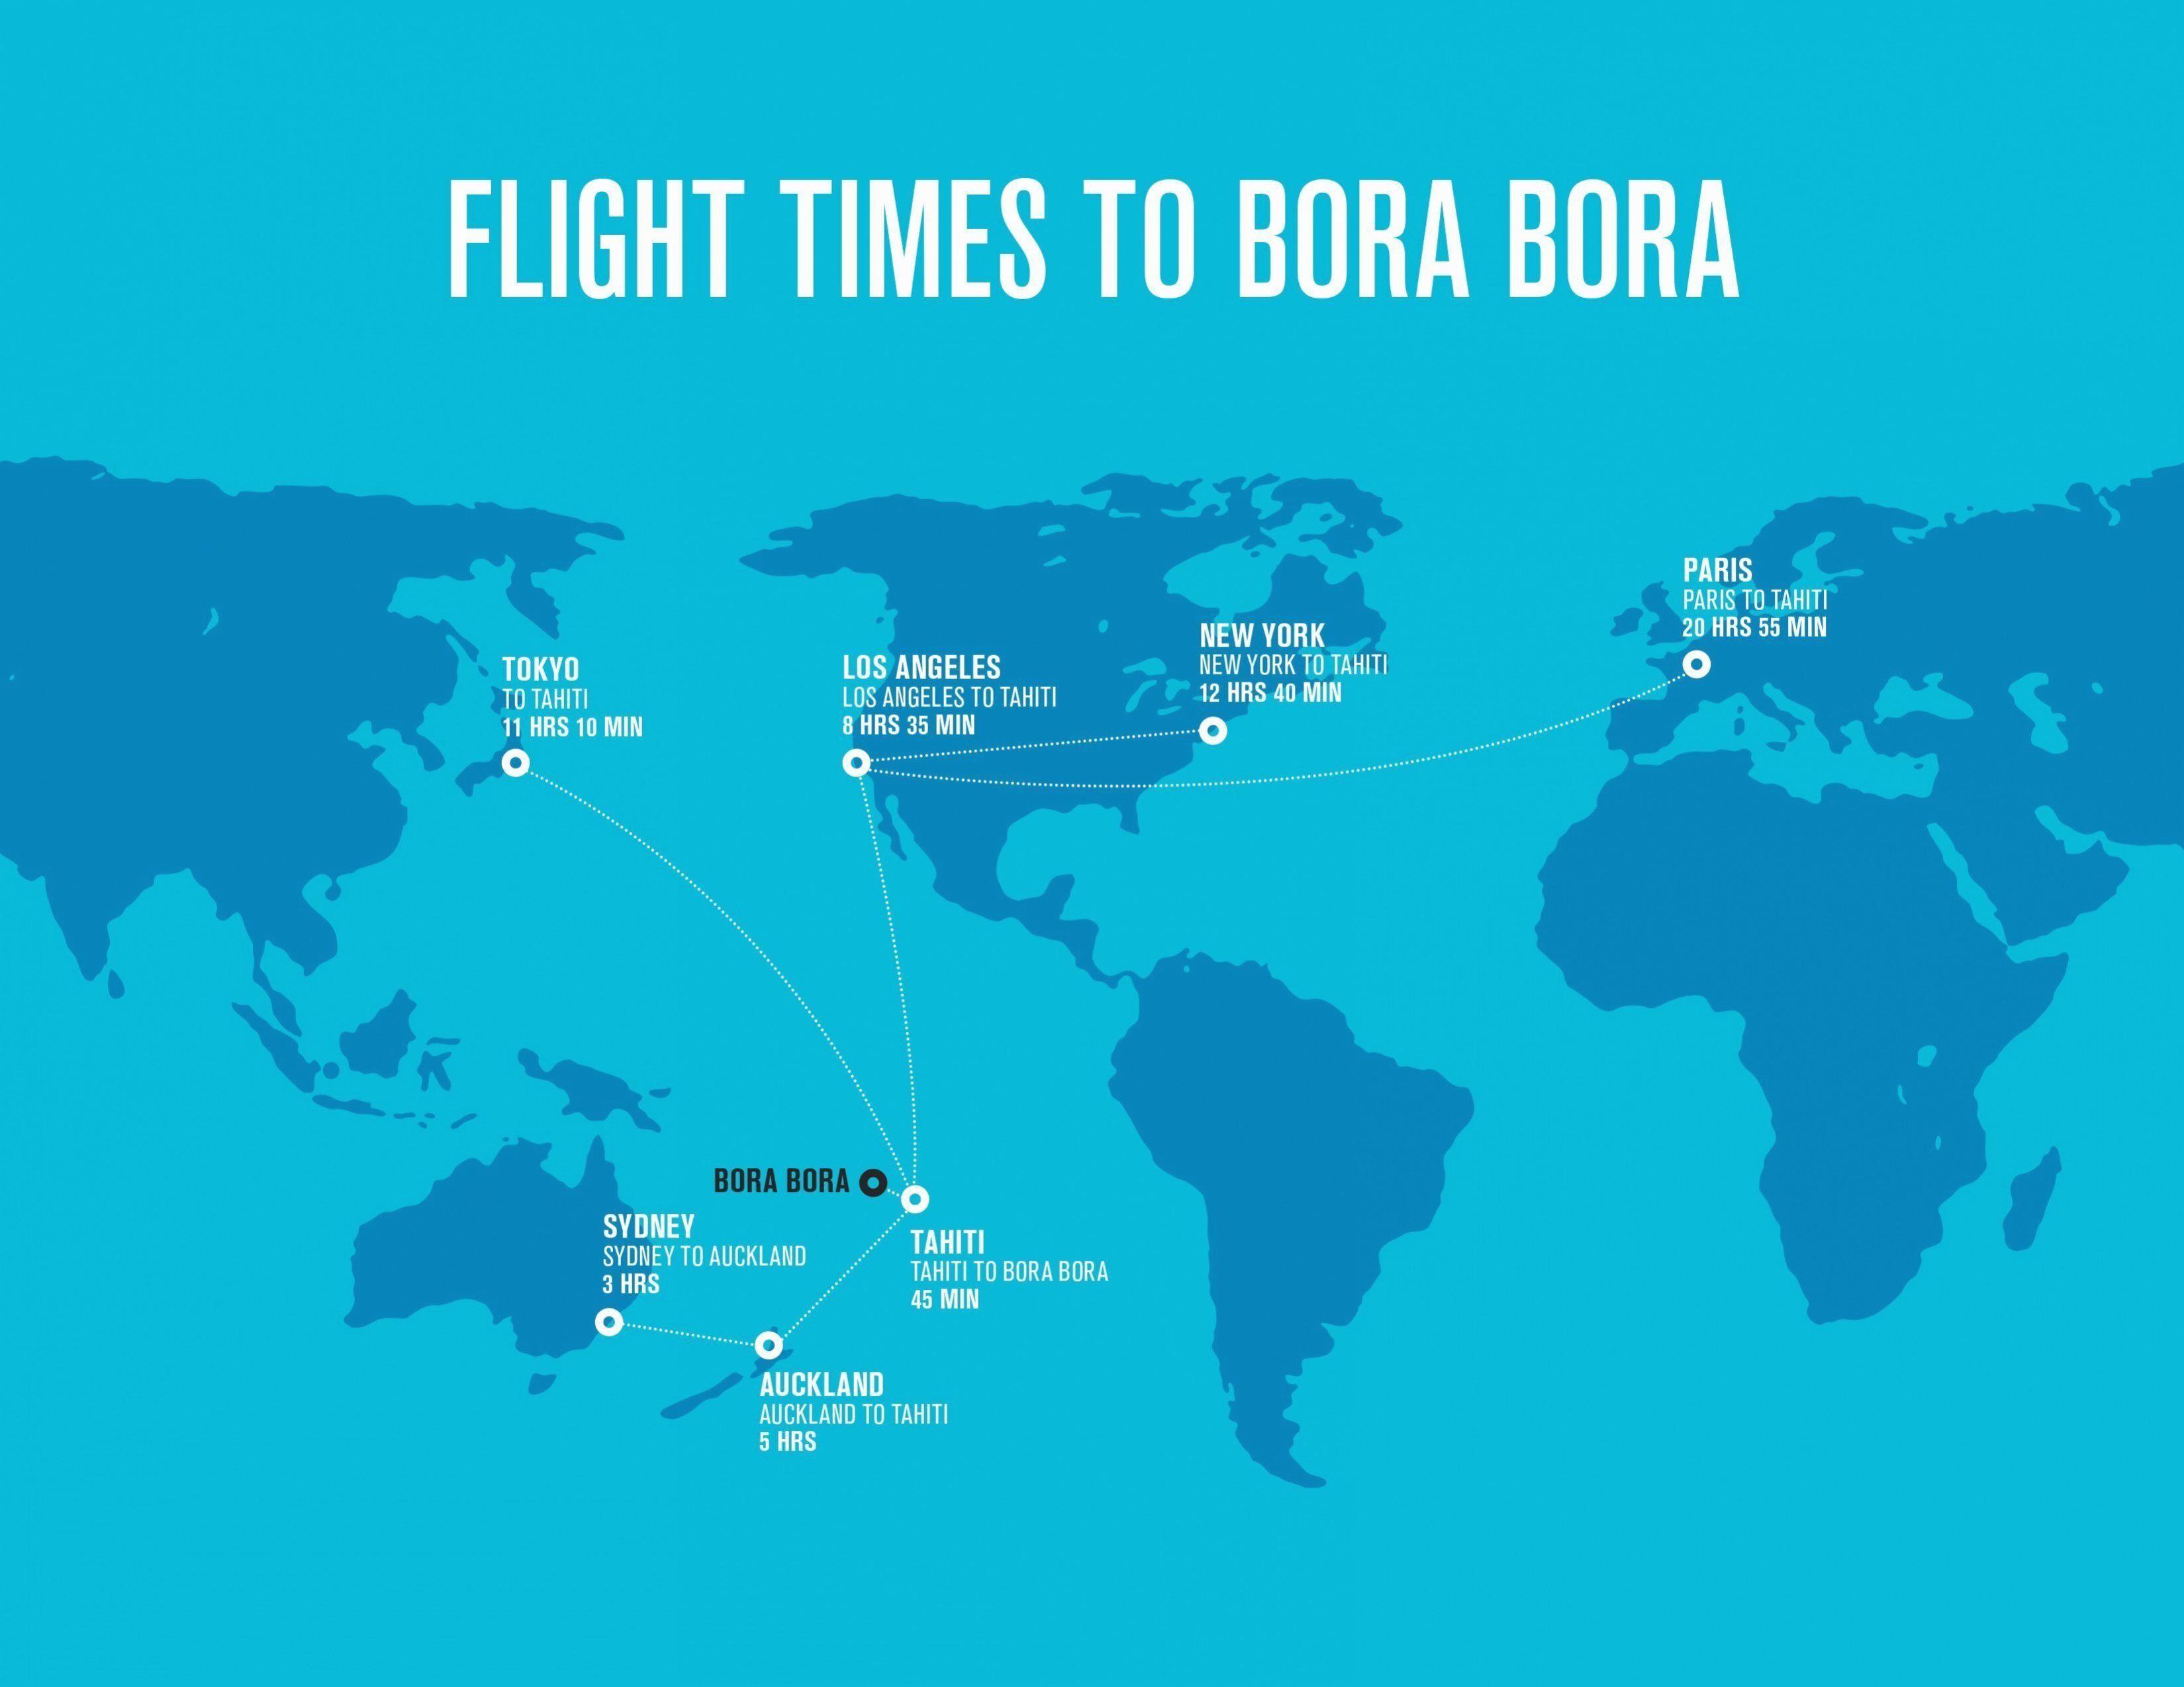 Hier Finden Sie Eine Bora Bora Karte Und Eine Wegbeschreibung Zum Resort Bora Bora In Vier Jahreszeiten In 2020 Bora Bora Bora Bora Insel Bora Bora Resorts